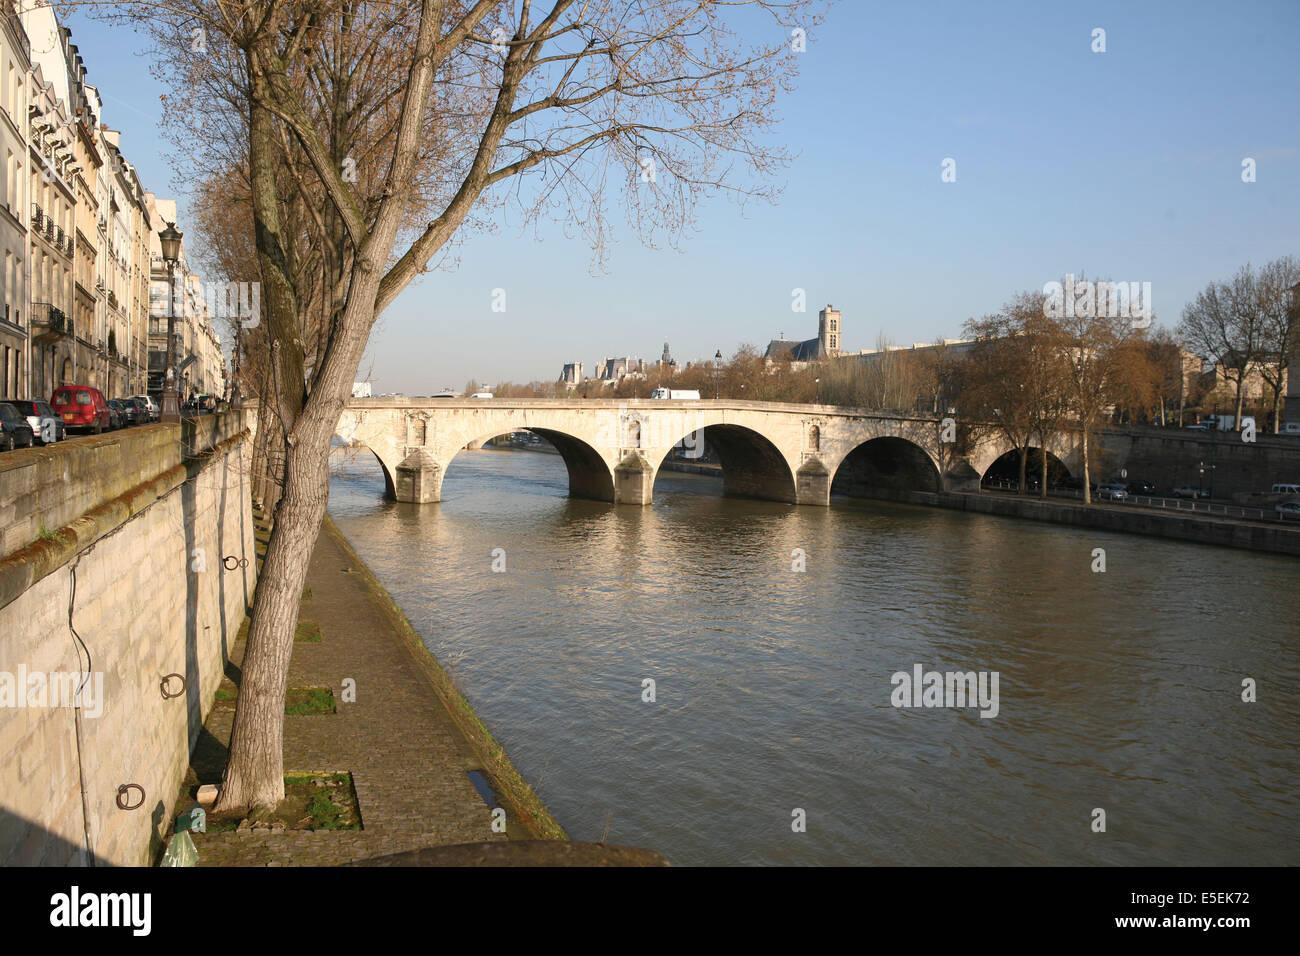 France, paris, 1e, pont marie, seine, vue generale, quai d'anjou, ile saint louis, - Stock Image